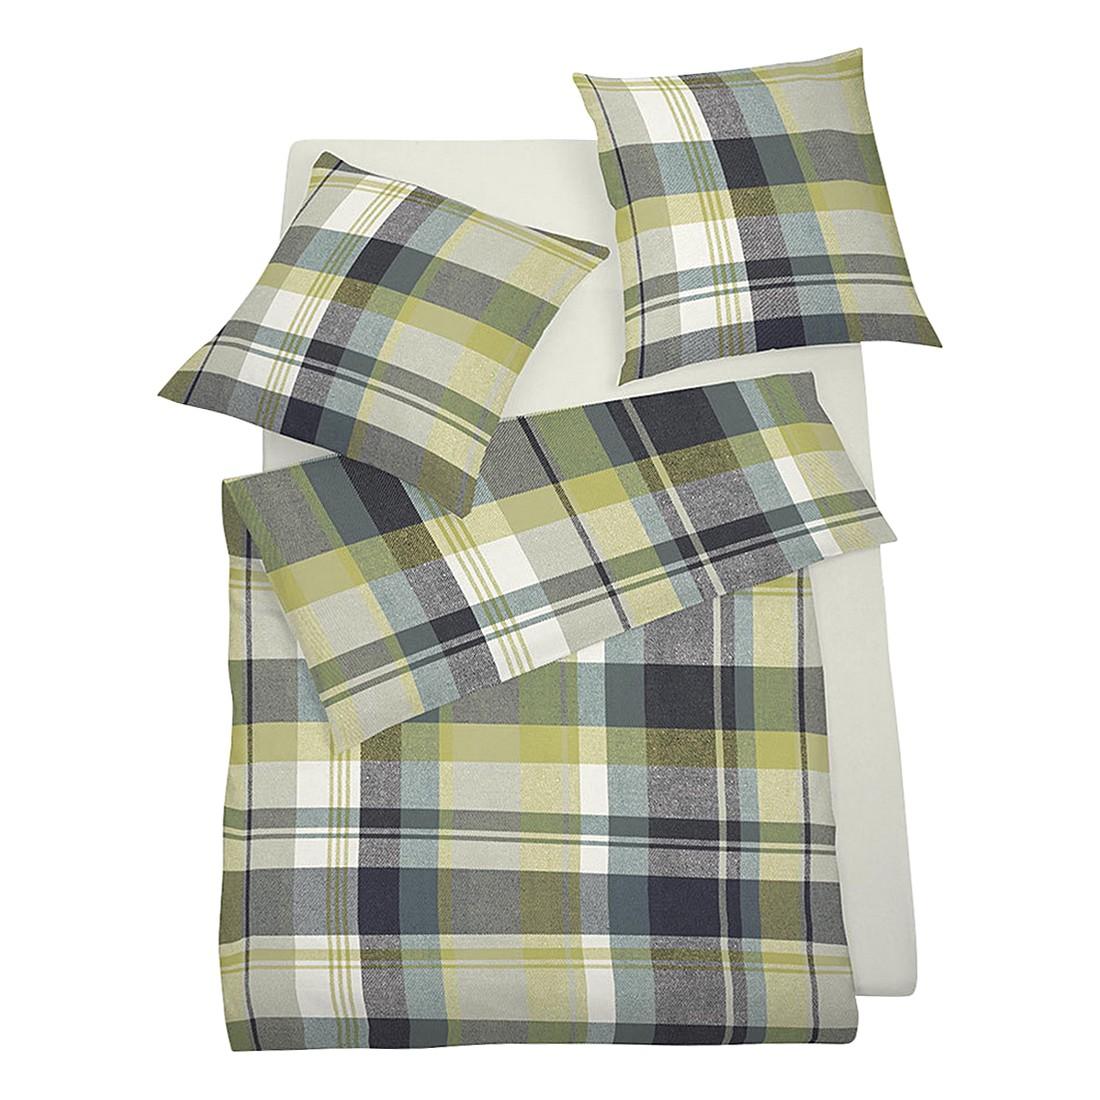 Bettwäsche Harrison Grün – Polyester – Grün – 135X200 cm + 80X80 cm, Schlafgut günstig online kaufen